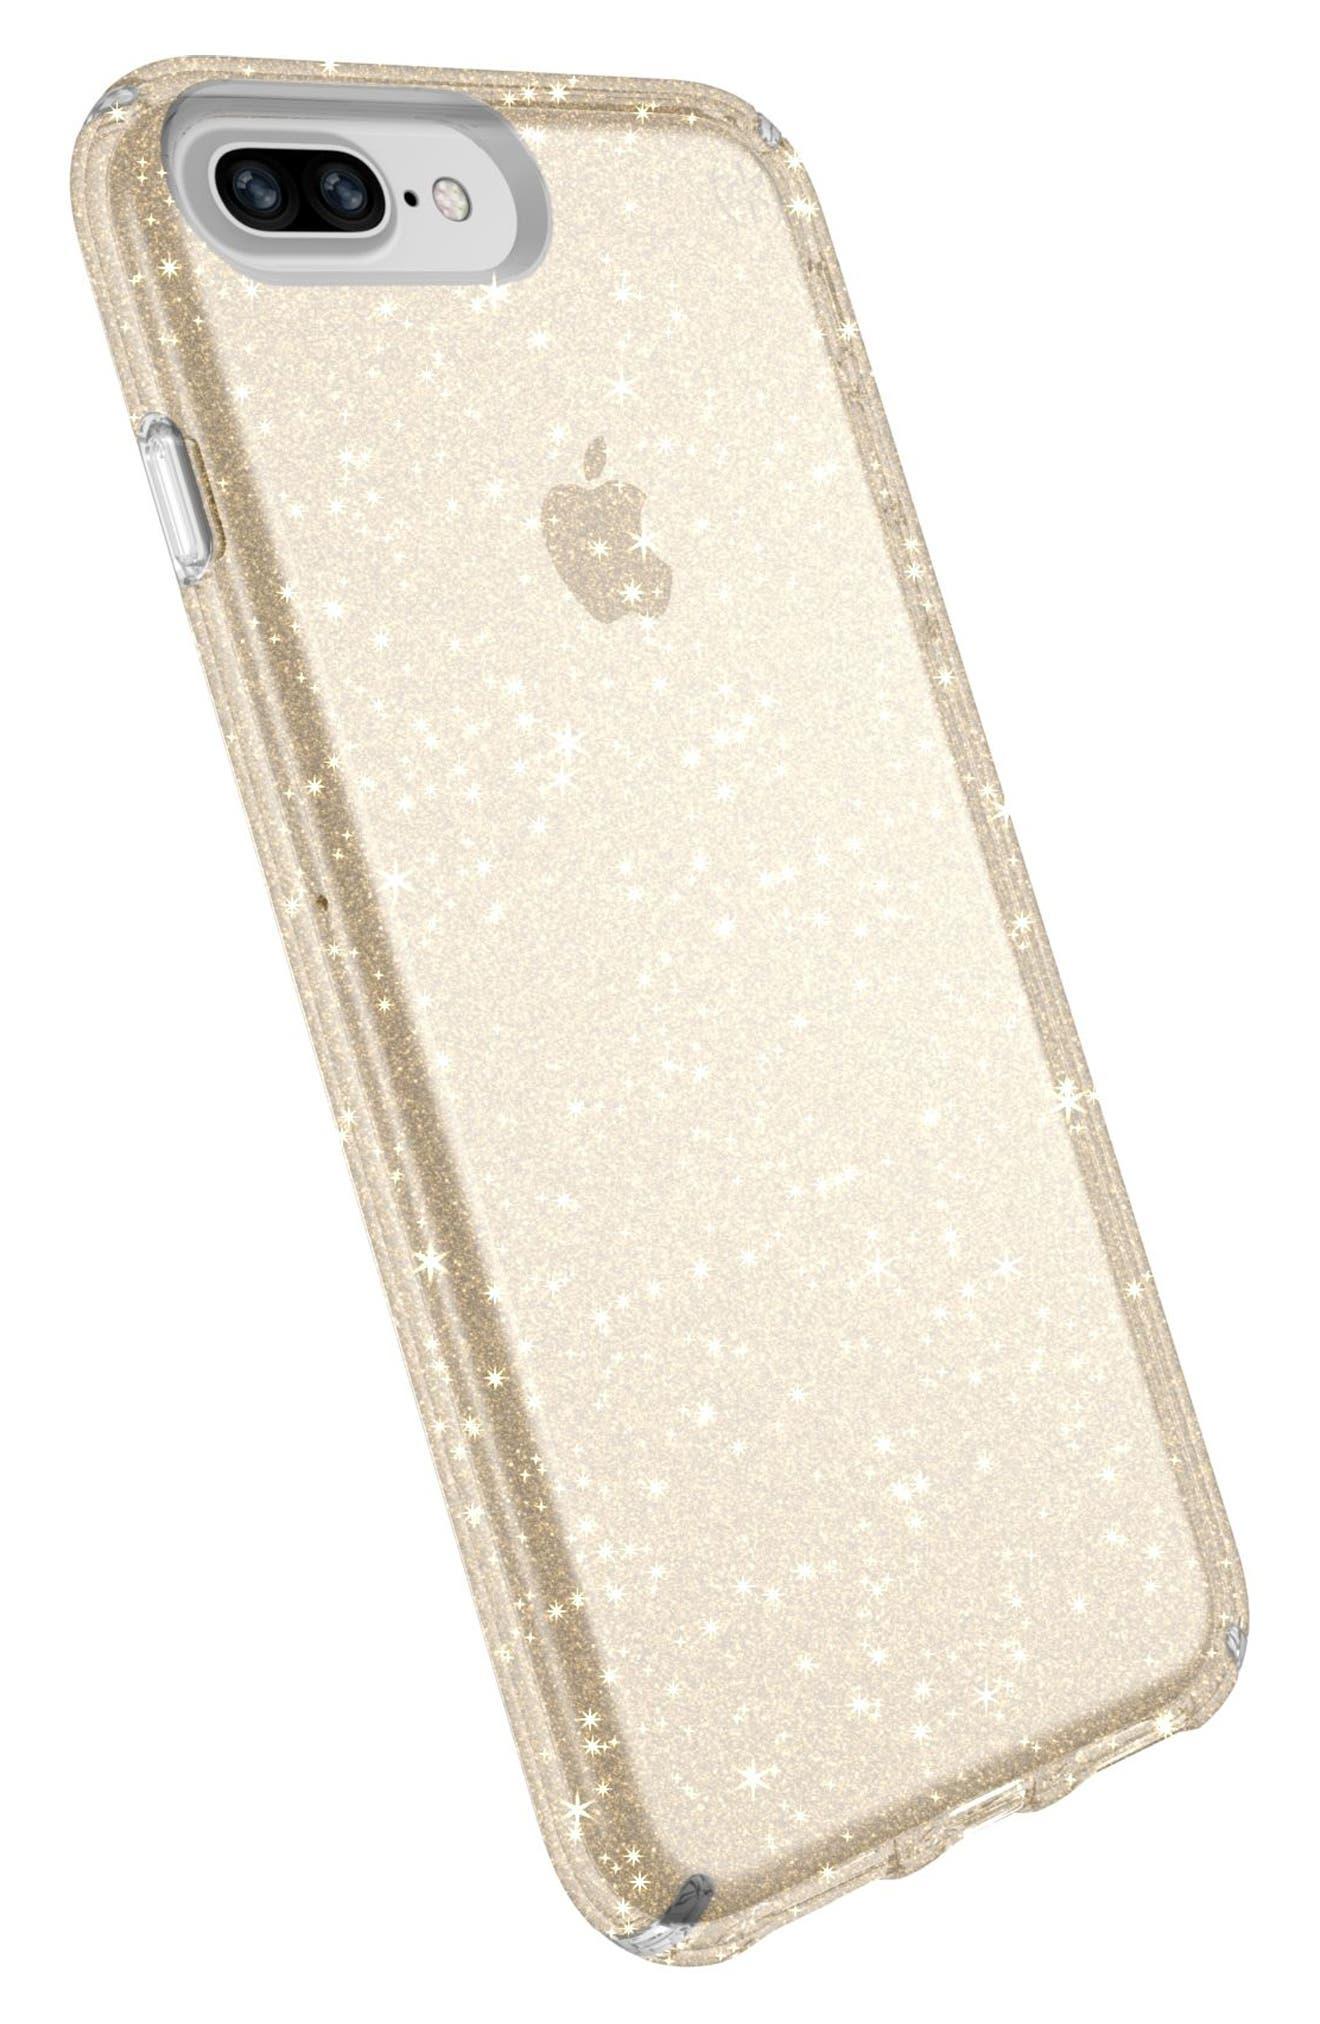 iPhone 6/6s/7/8 Plus Case,                             Alternate thumbnail 8, color,                             716